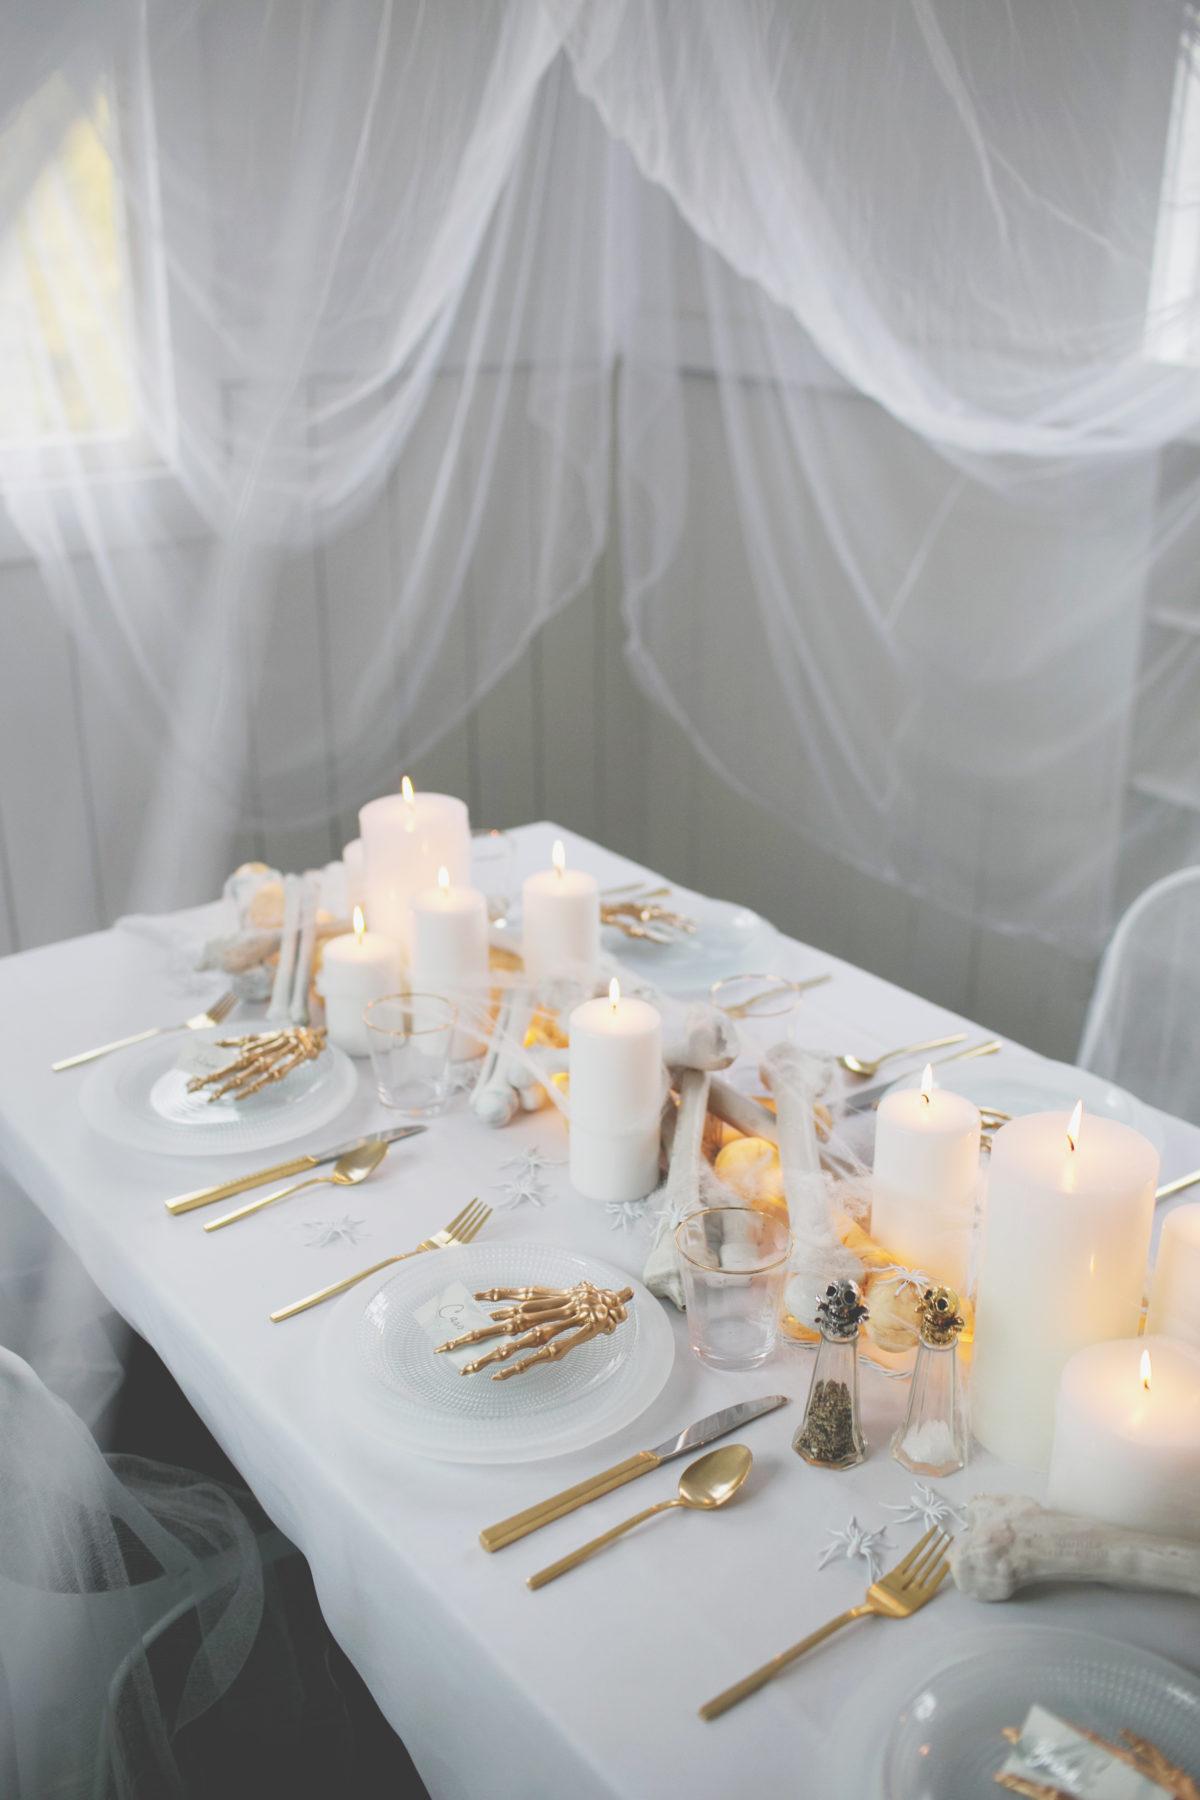 Cómo decorar una mesa de Halloween en blanco2